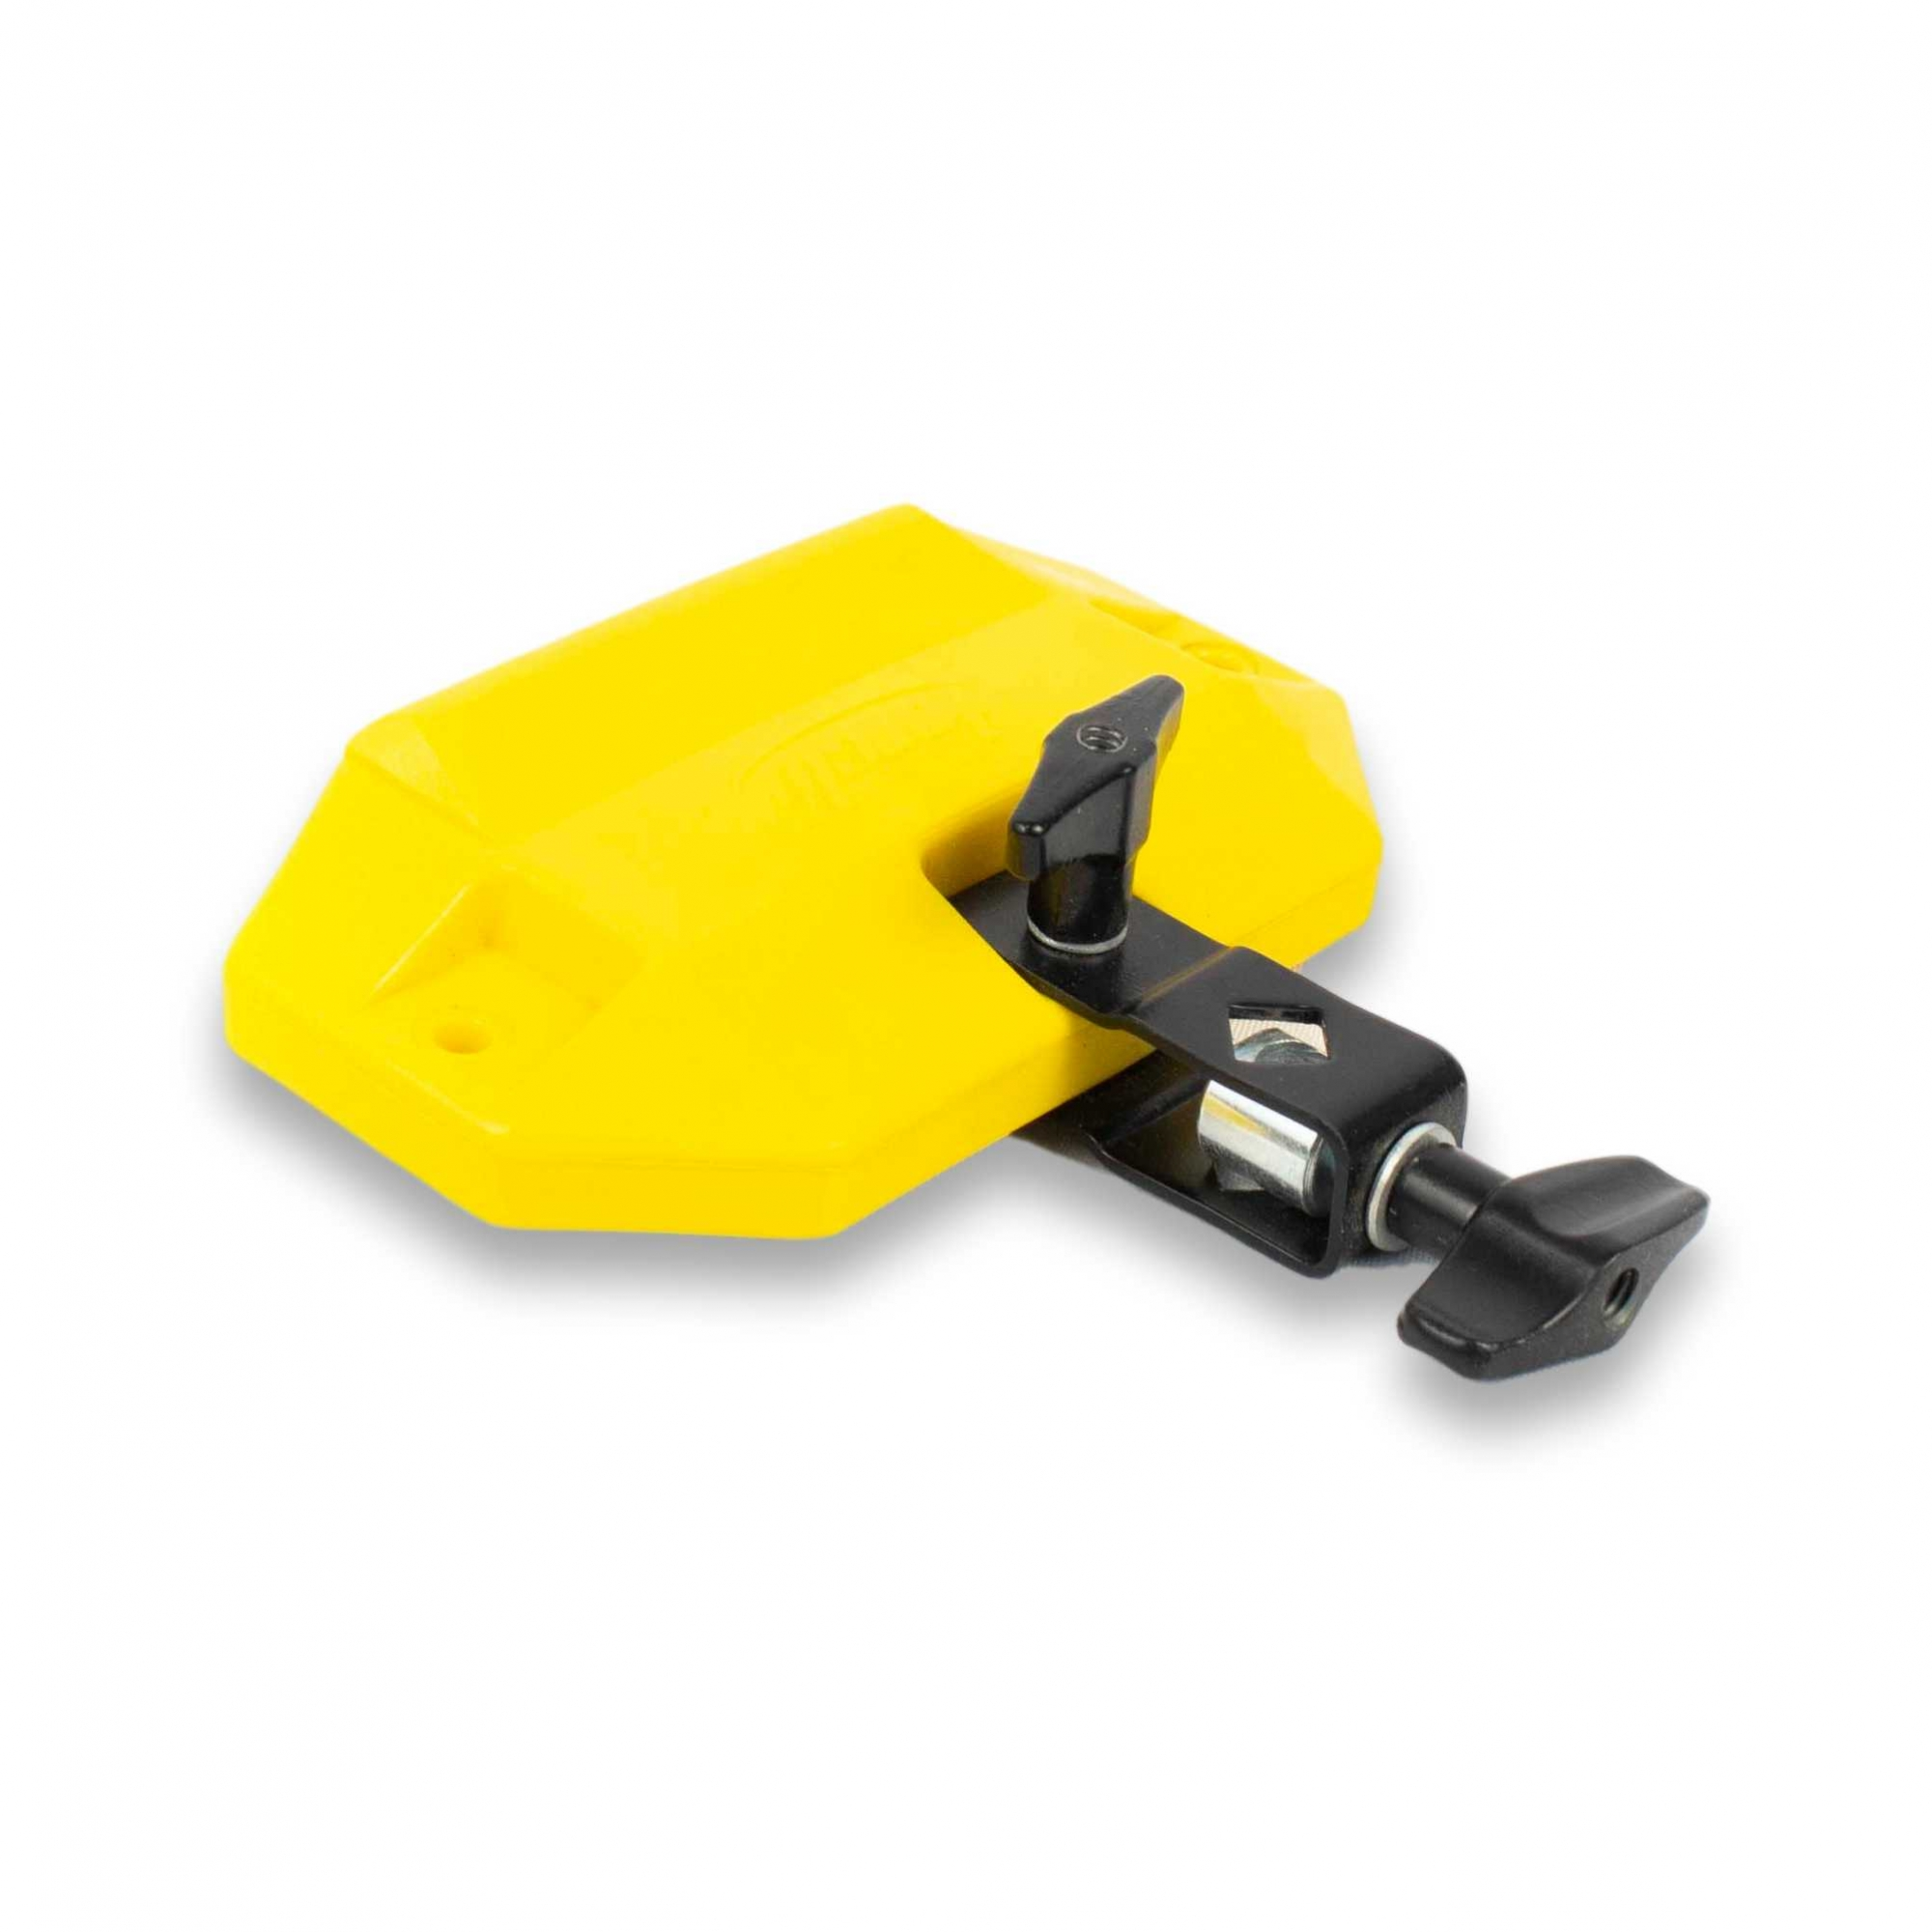 Bloco Sonoro Torelli TO009 Agudo Amarelo